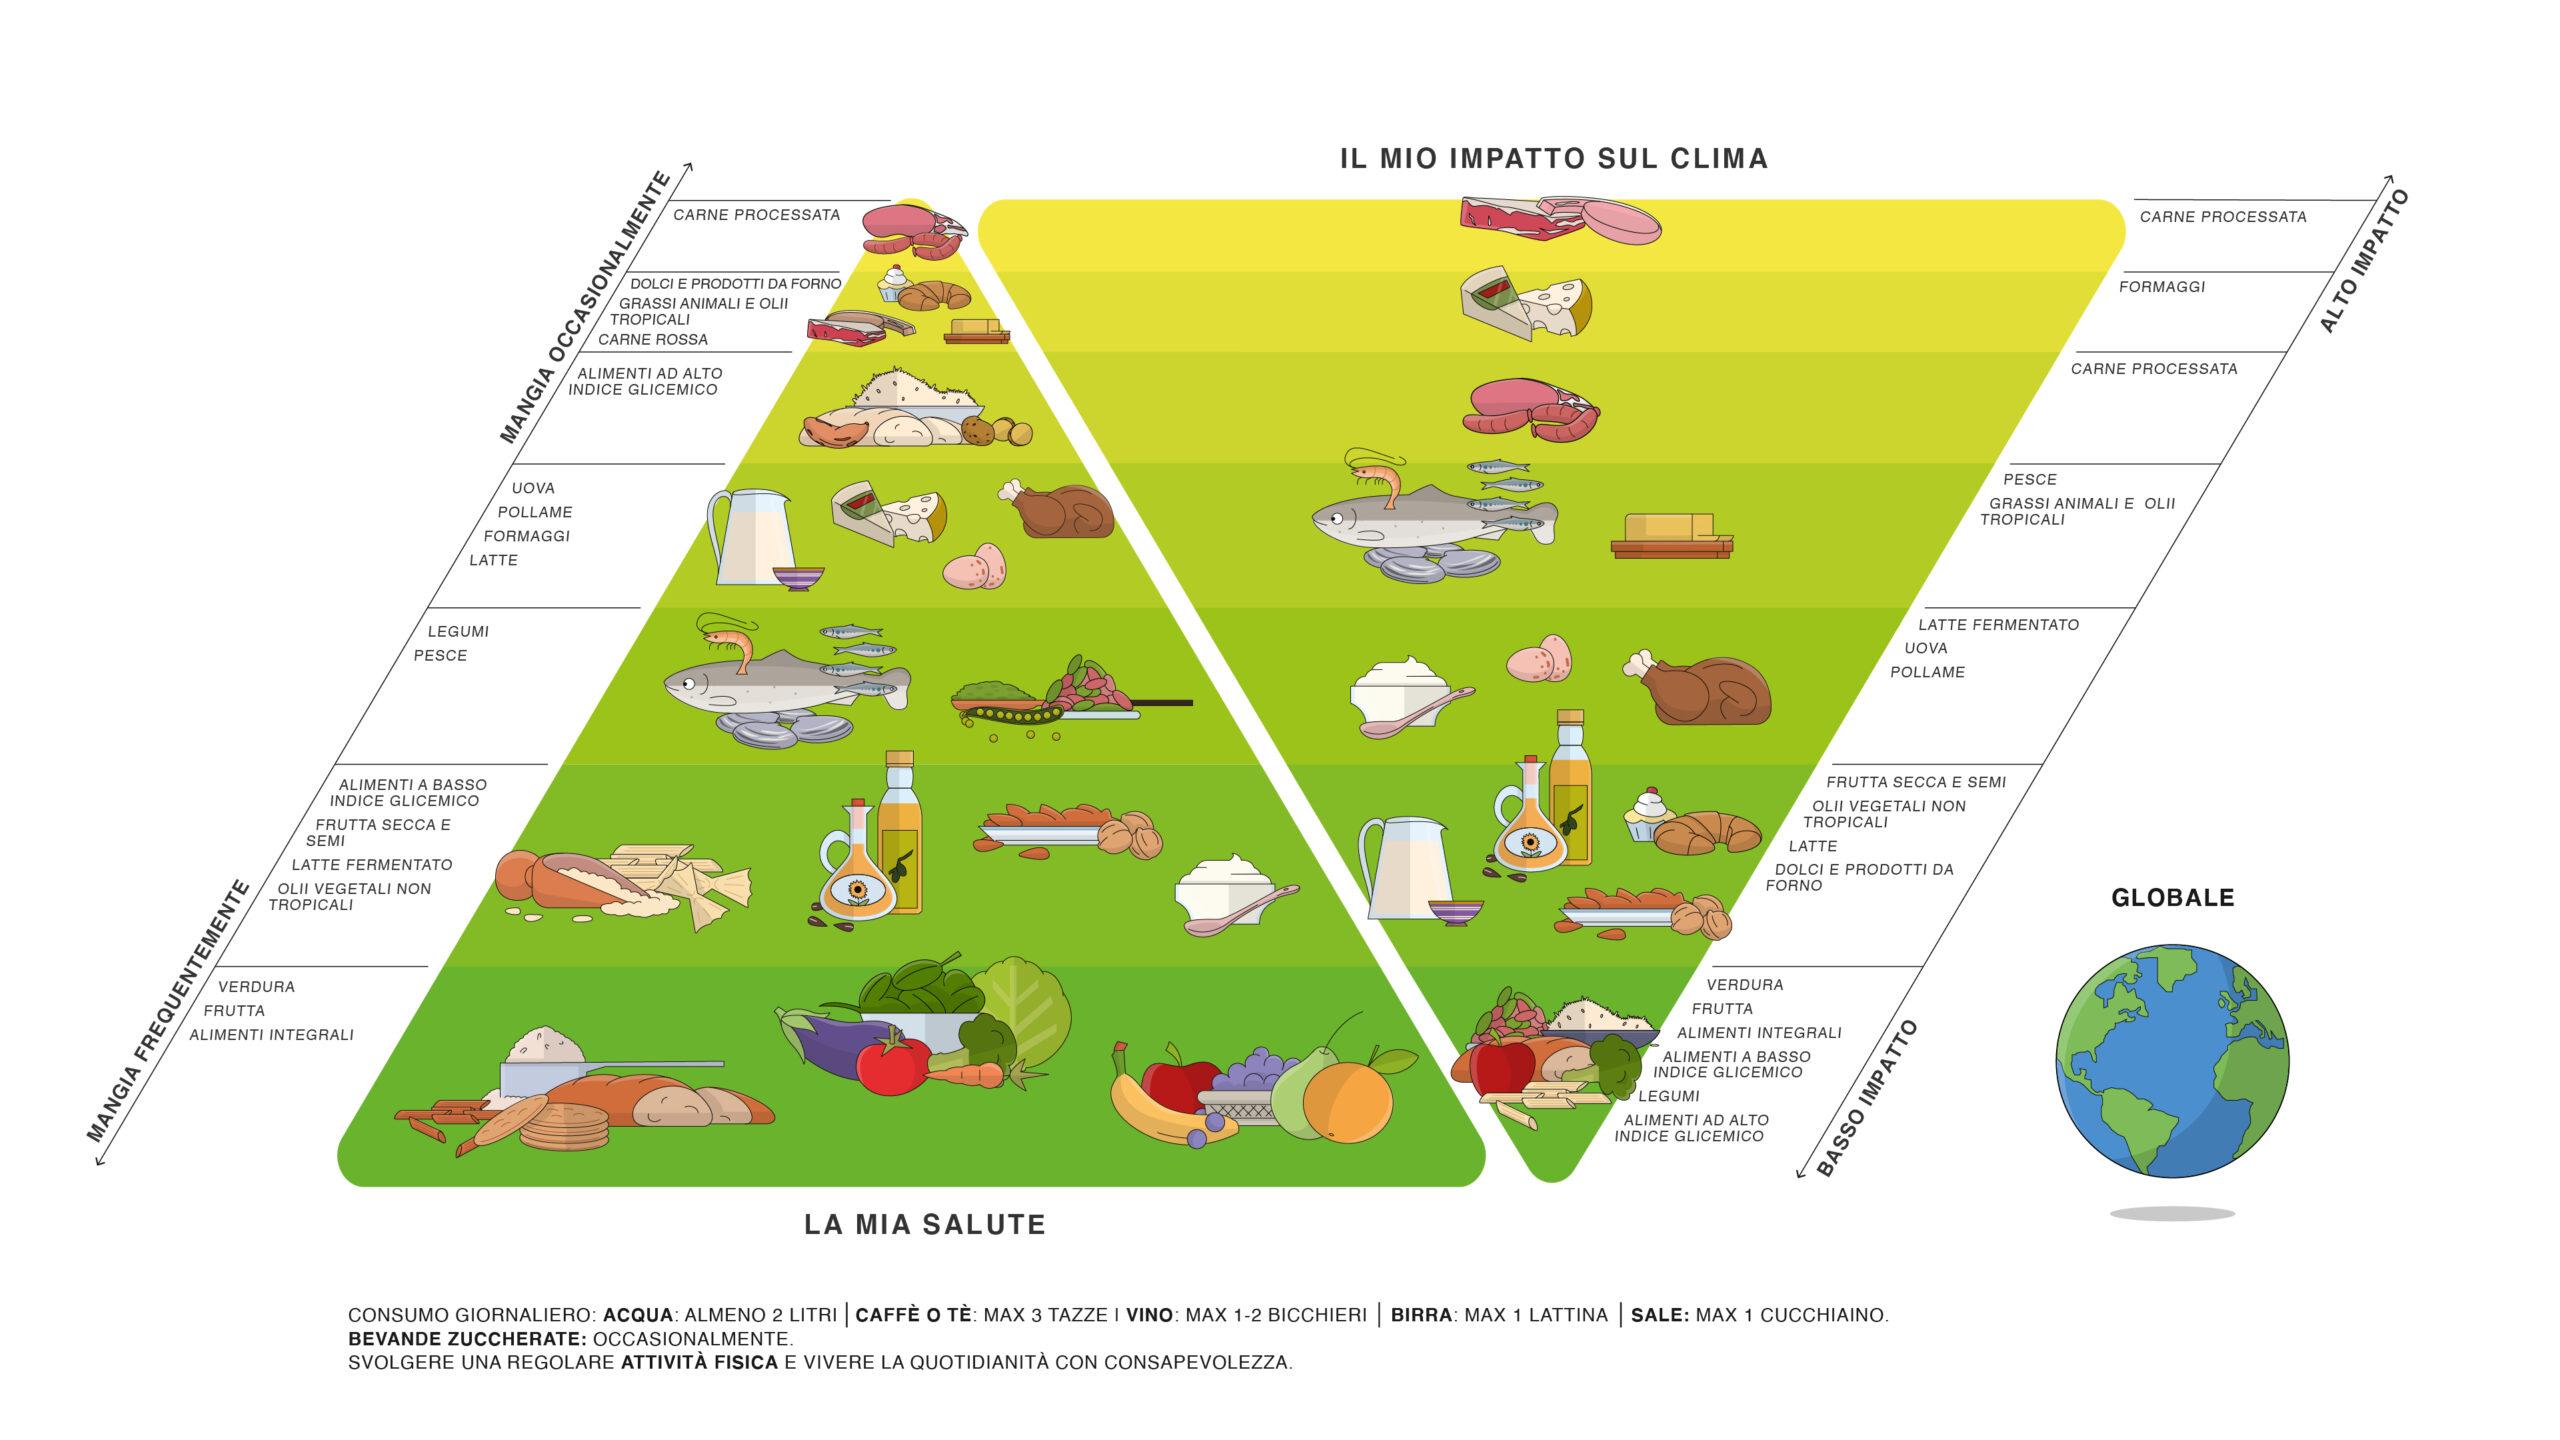 Doppia Piramide Globale modello alimentare